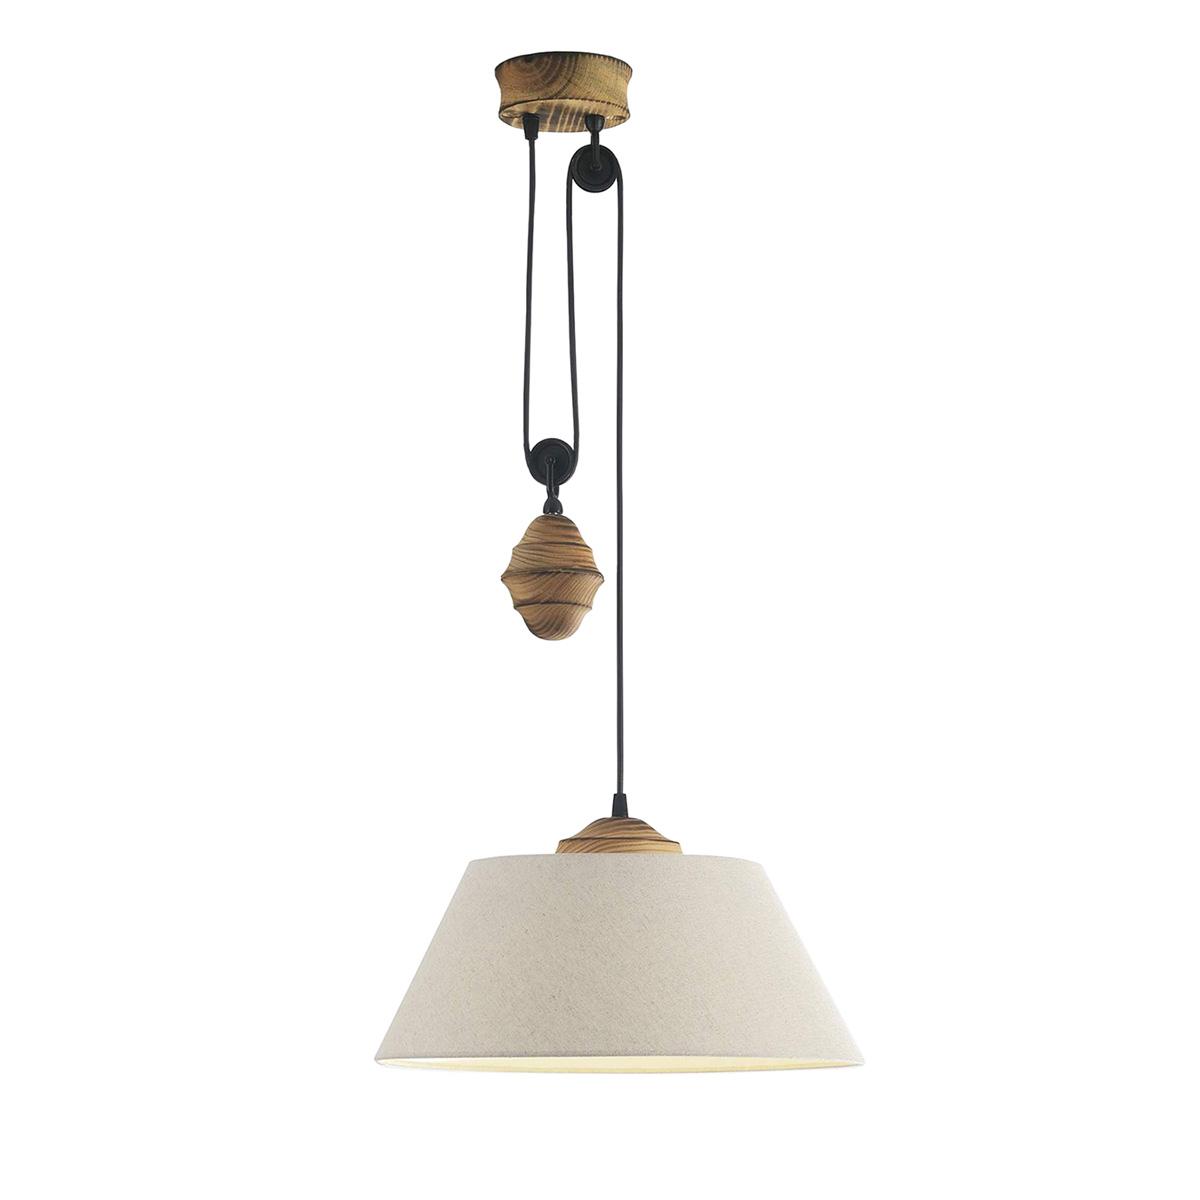 Φωτιστικό κρεμαστό με βαρίδι BAMBOO plumb pendant light